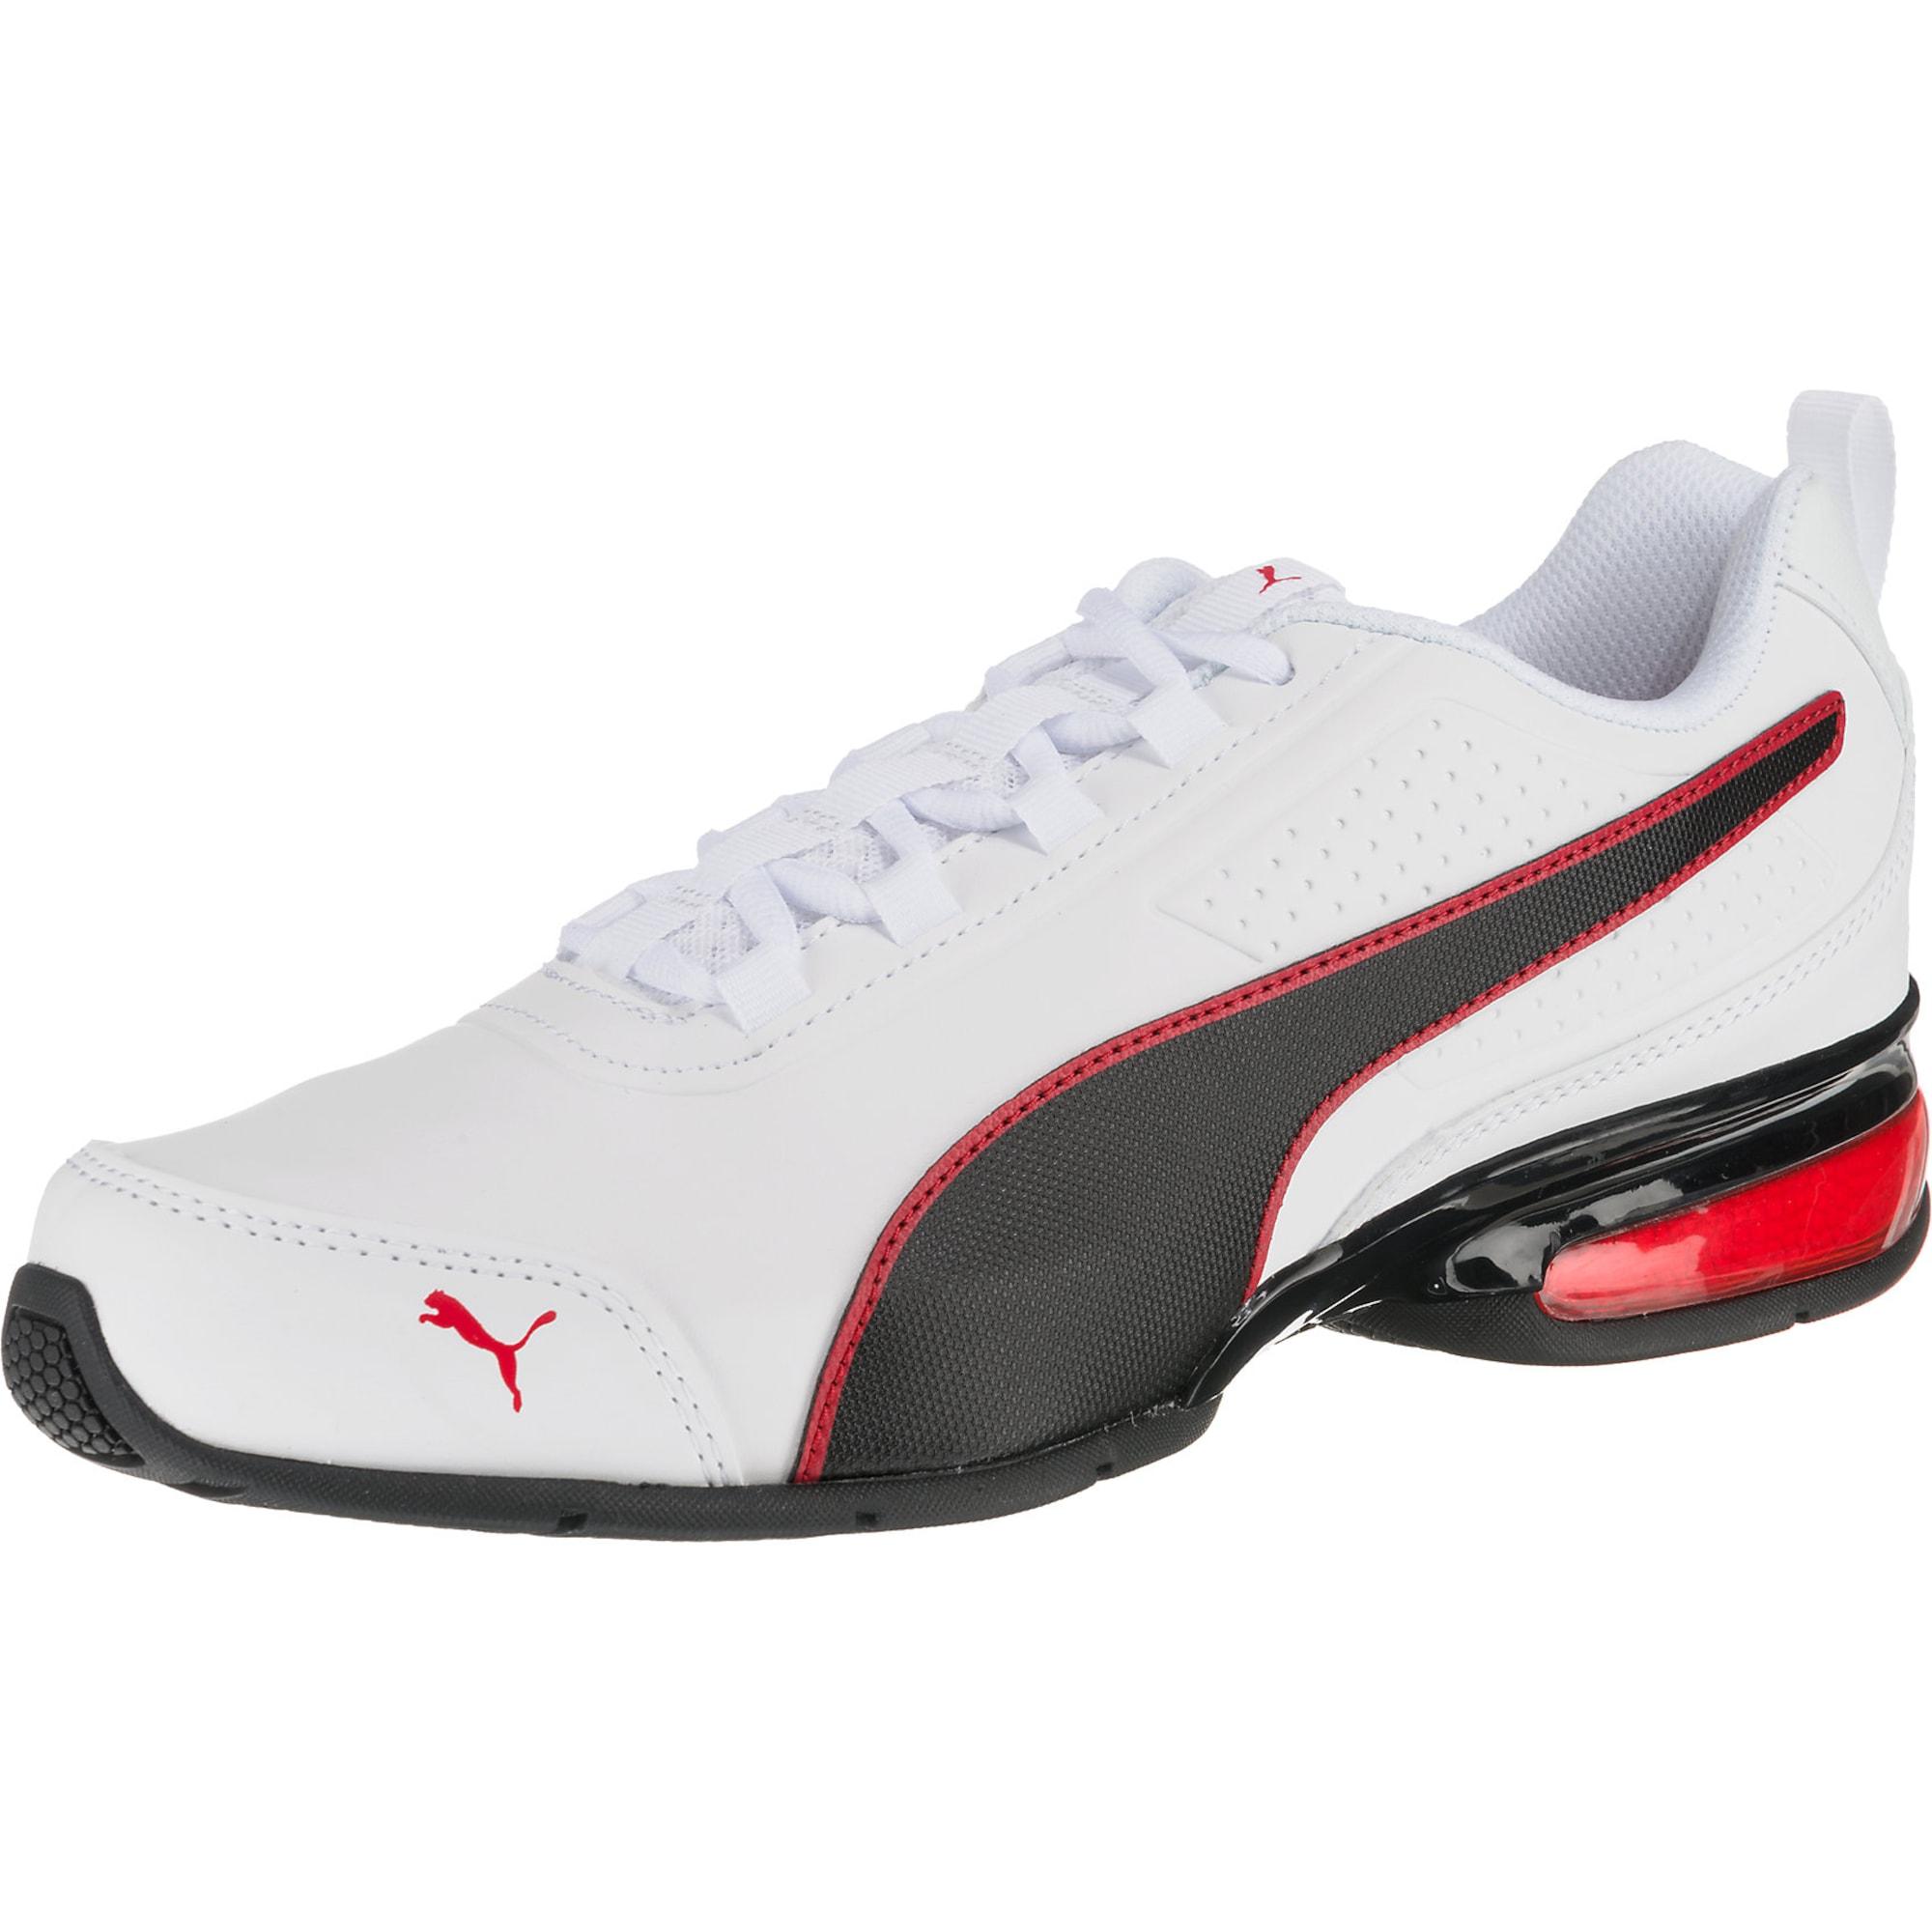 Sportovní boty červená černá bílá PUMA